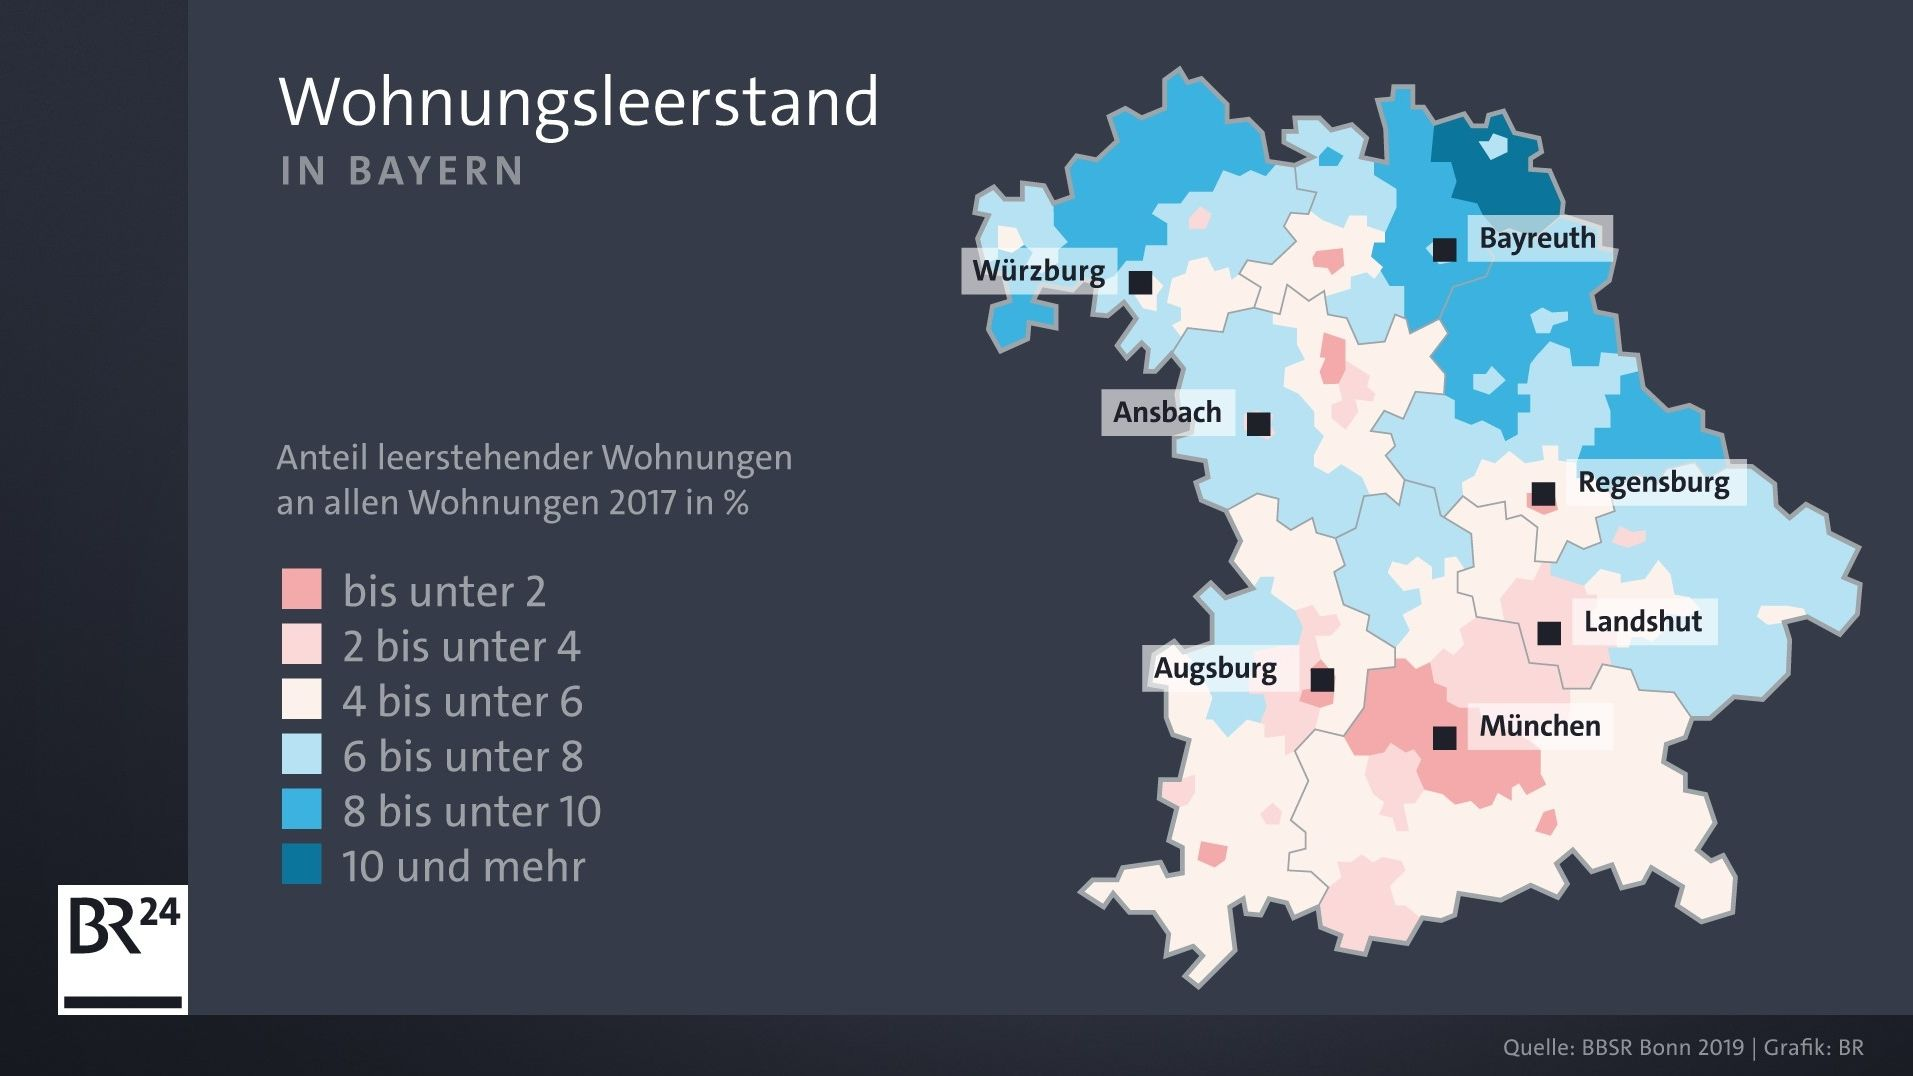 Wohnungsleerstand in Bayern